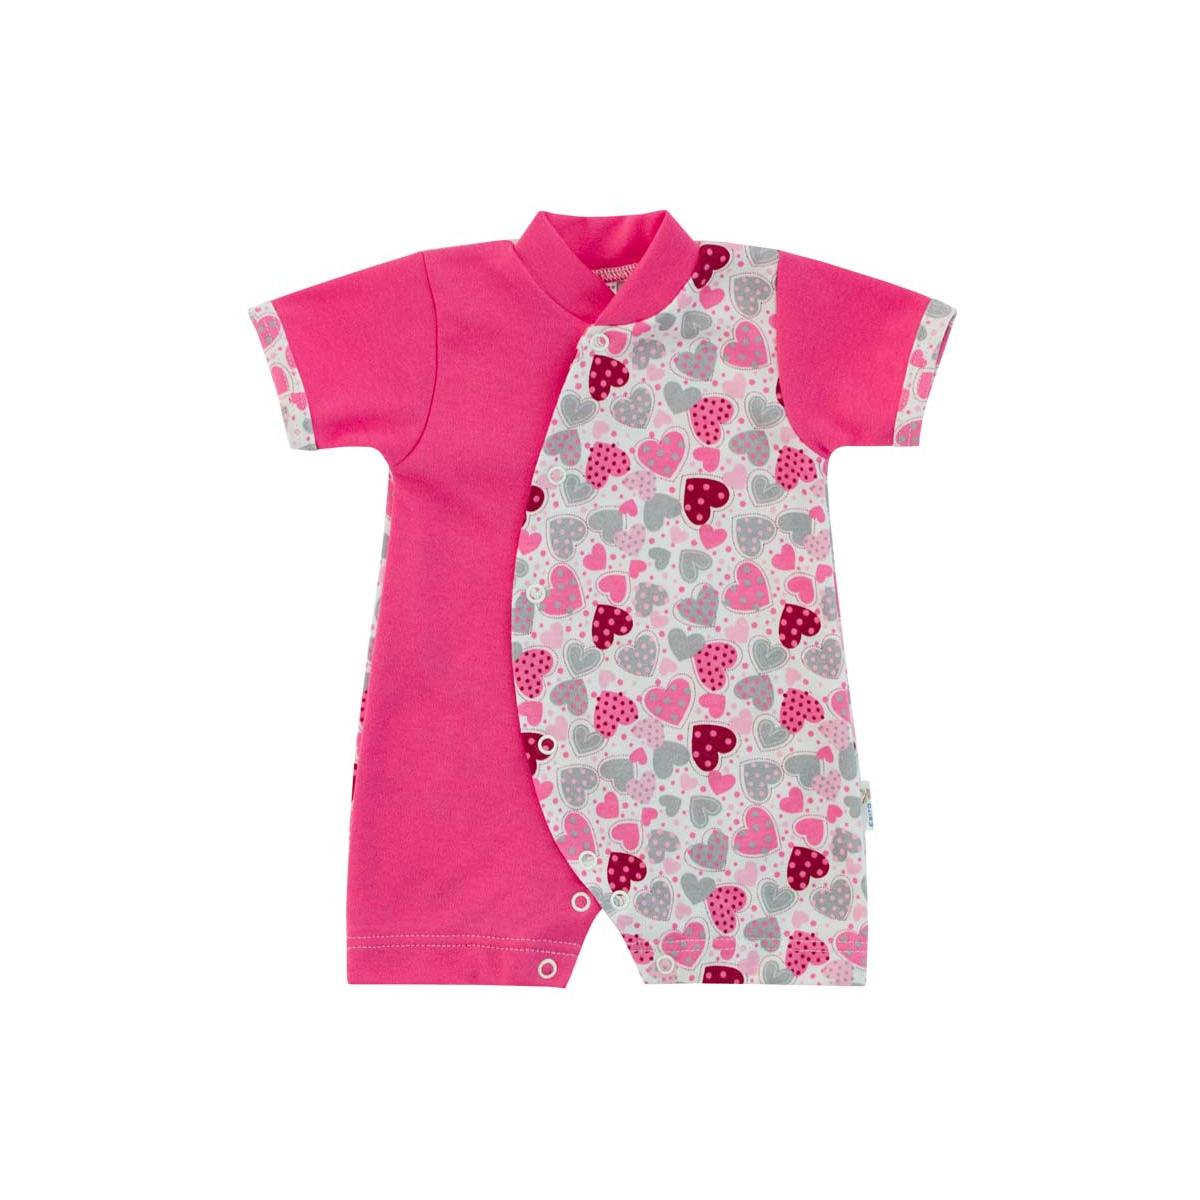 0ec16f5741cc Letní kojenecký overal Srdce vel. 74 - 86. Loading zoom